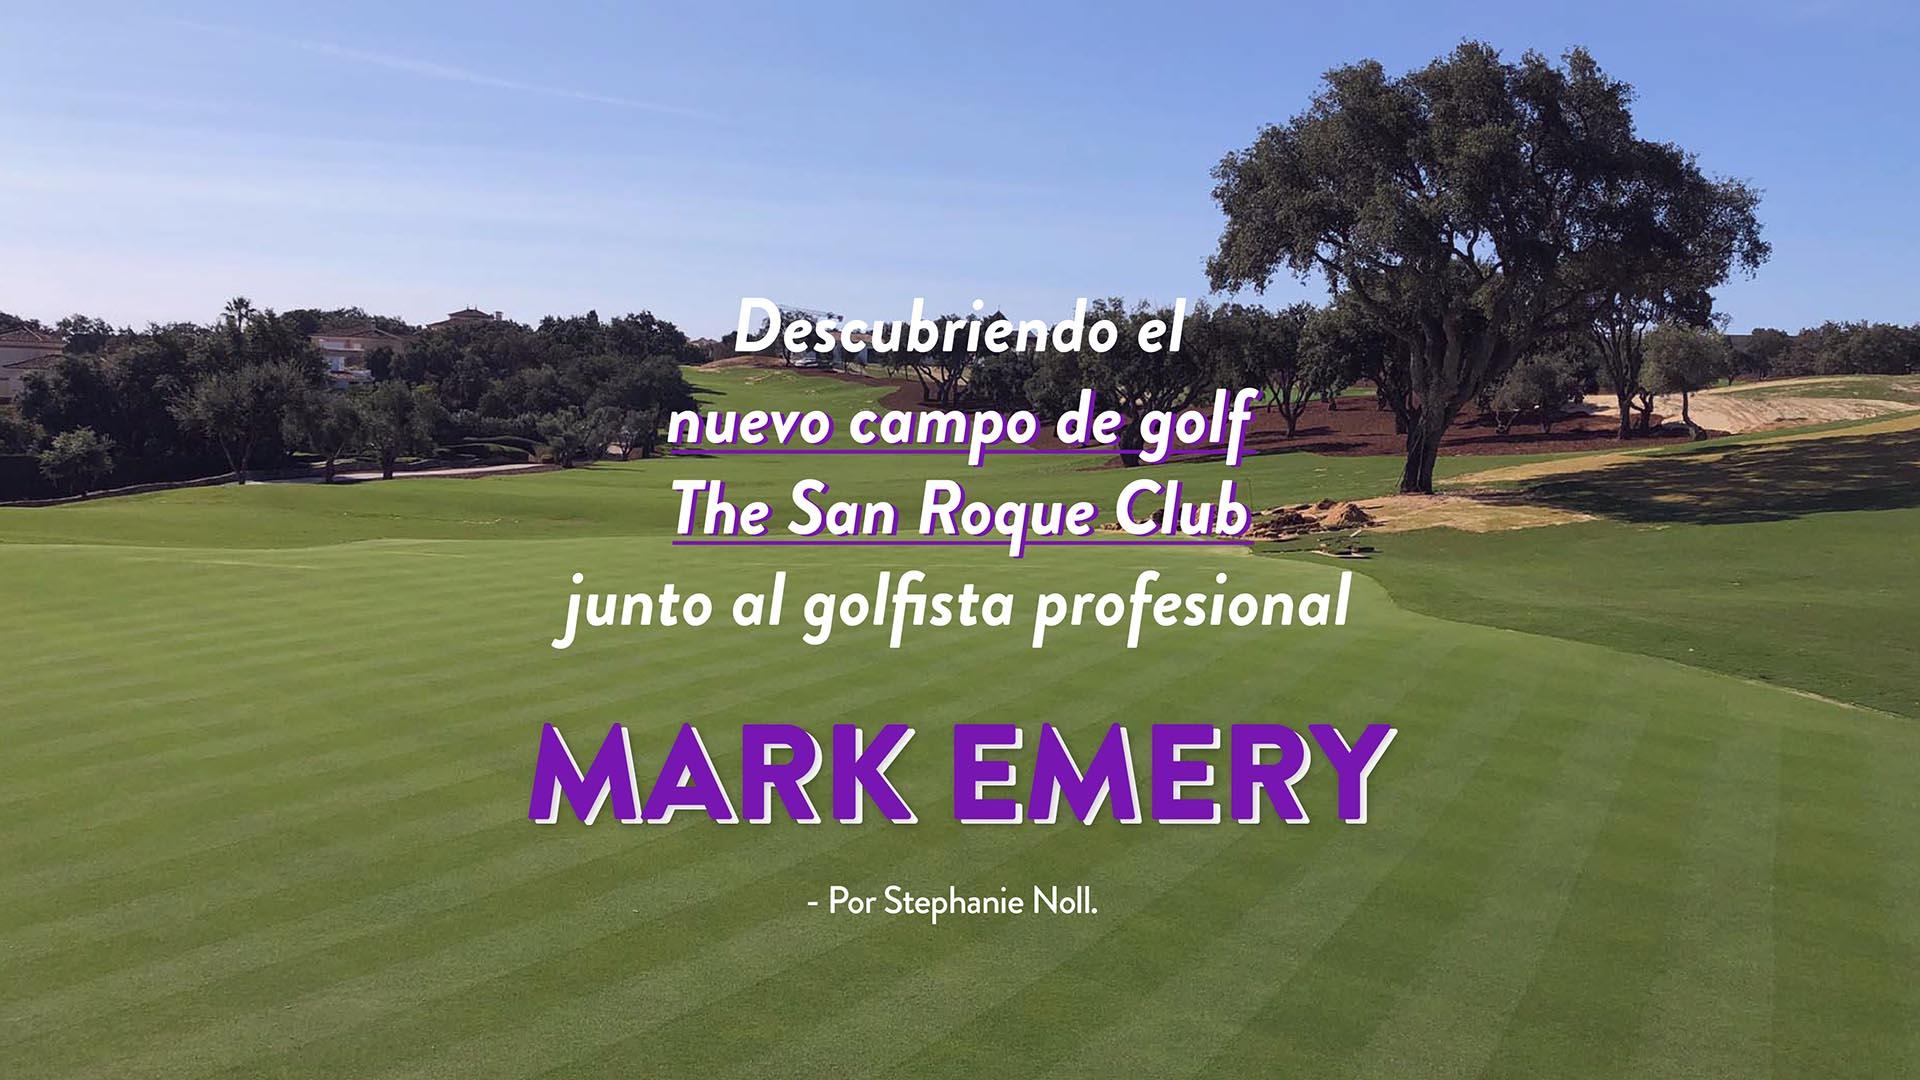 Descubriendo el nuevo campo de The San Roque Golf Club con el golfista profesional Mark Emery